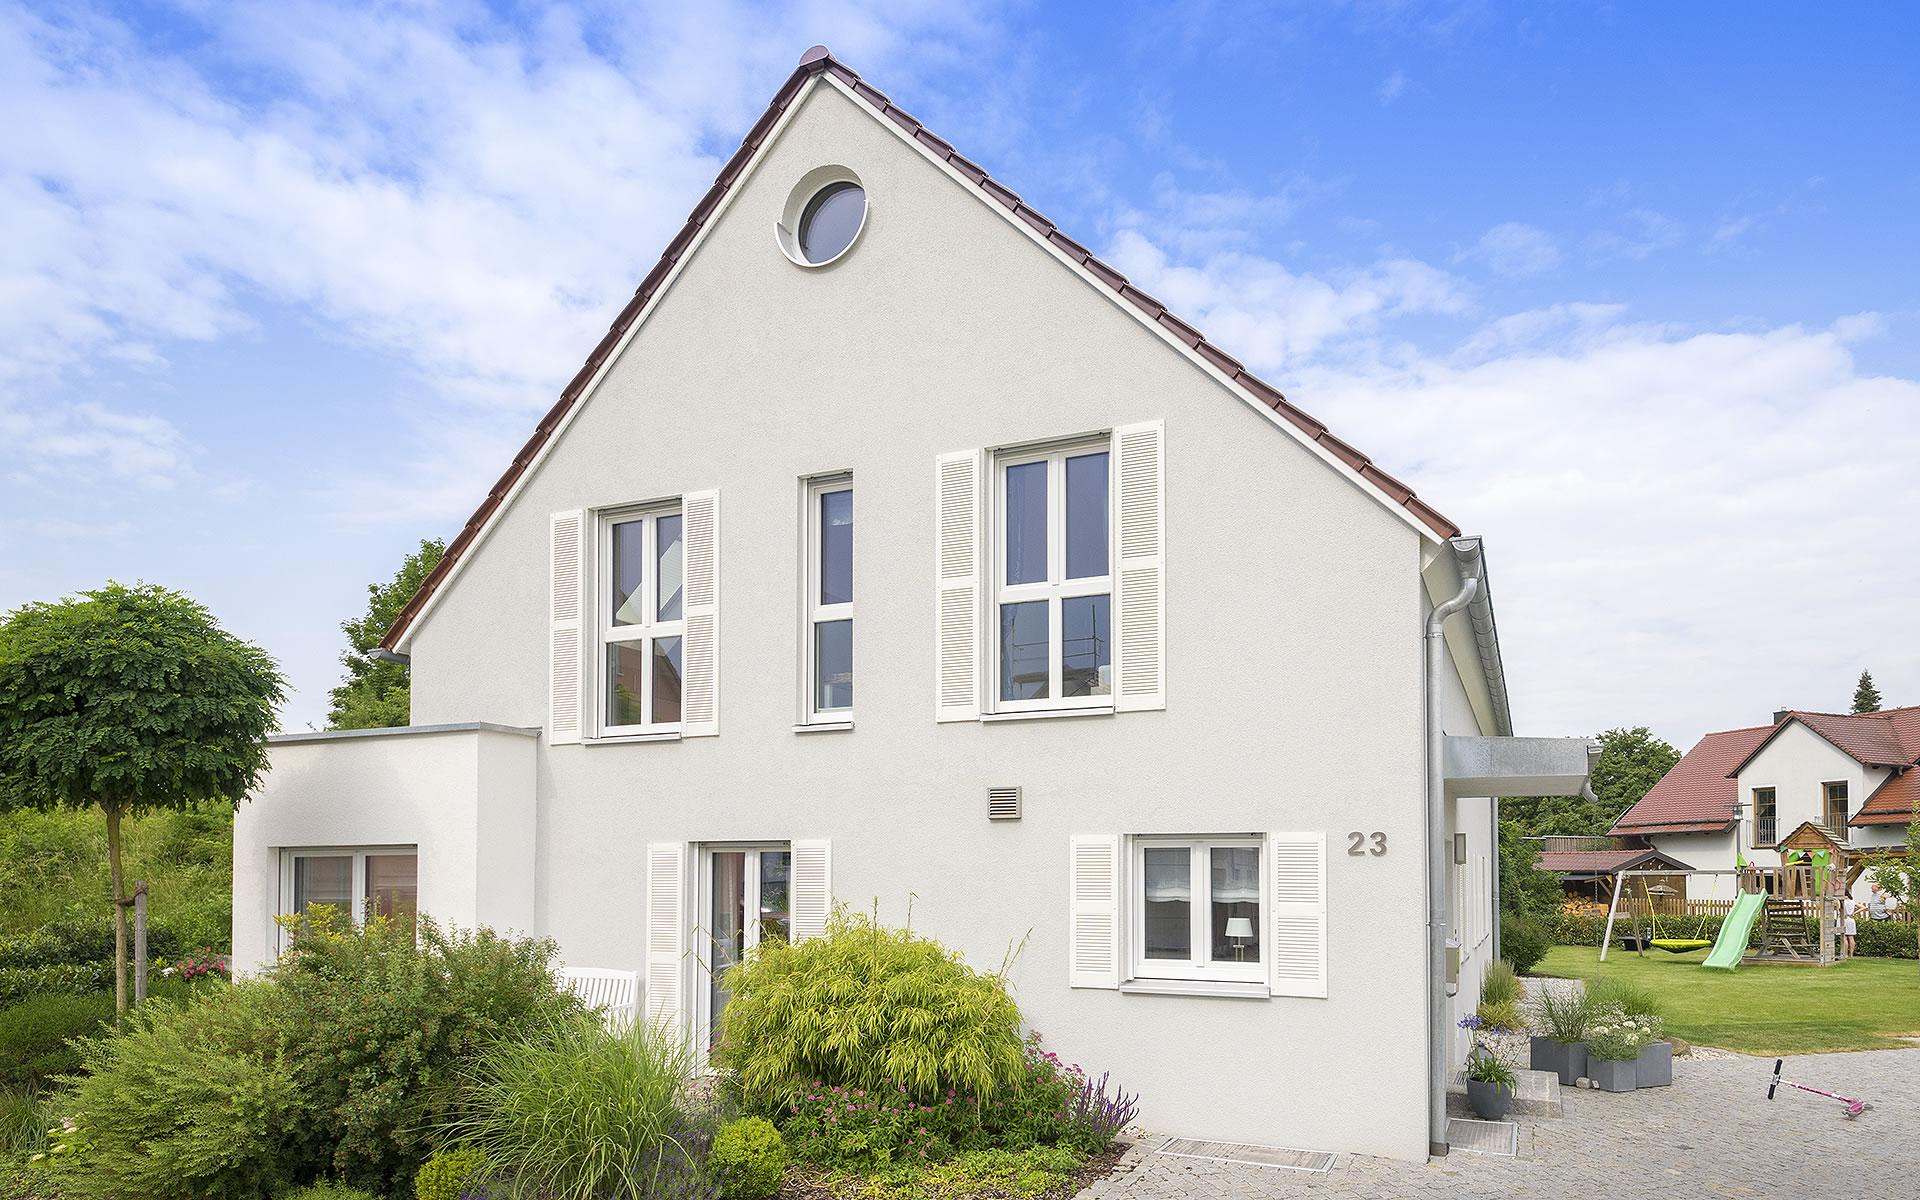 Klassisch 142 von FischerHaus GmbH & Co. KG